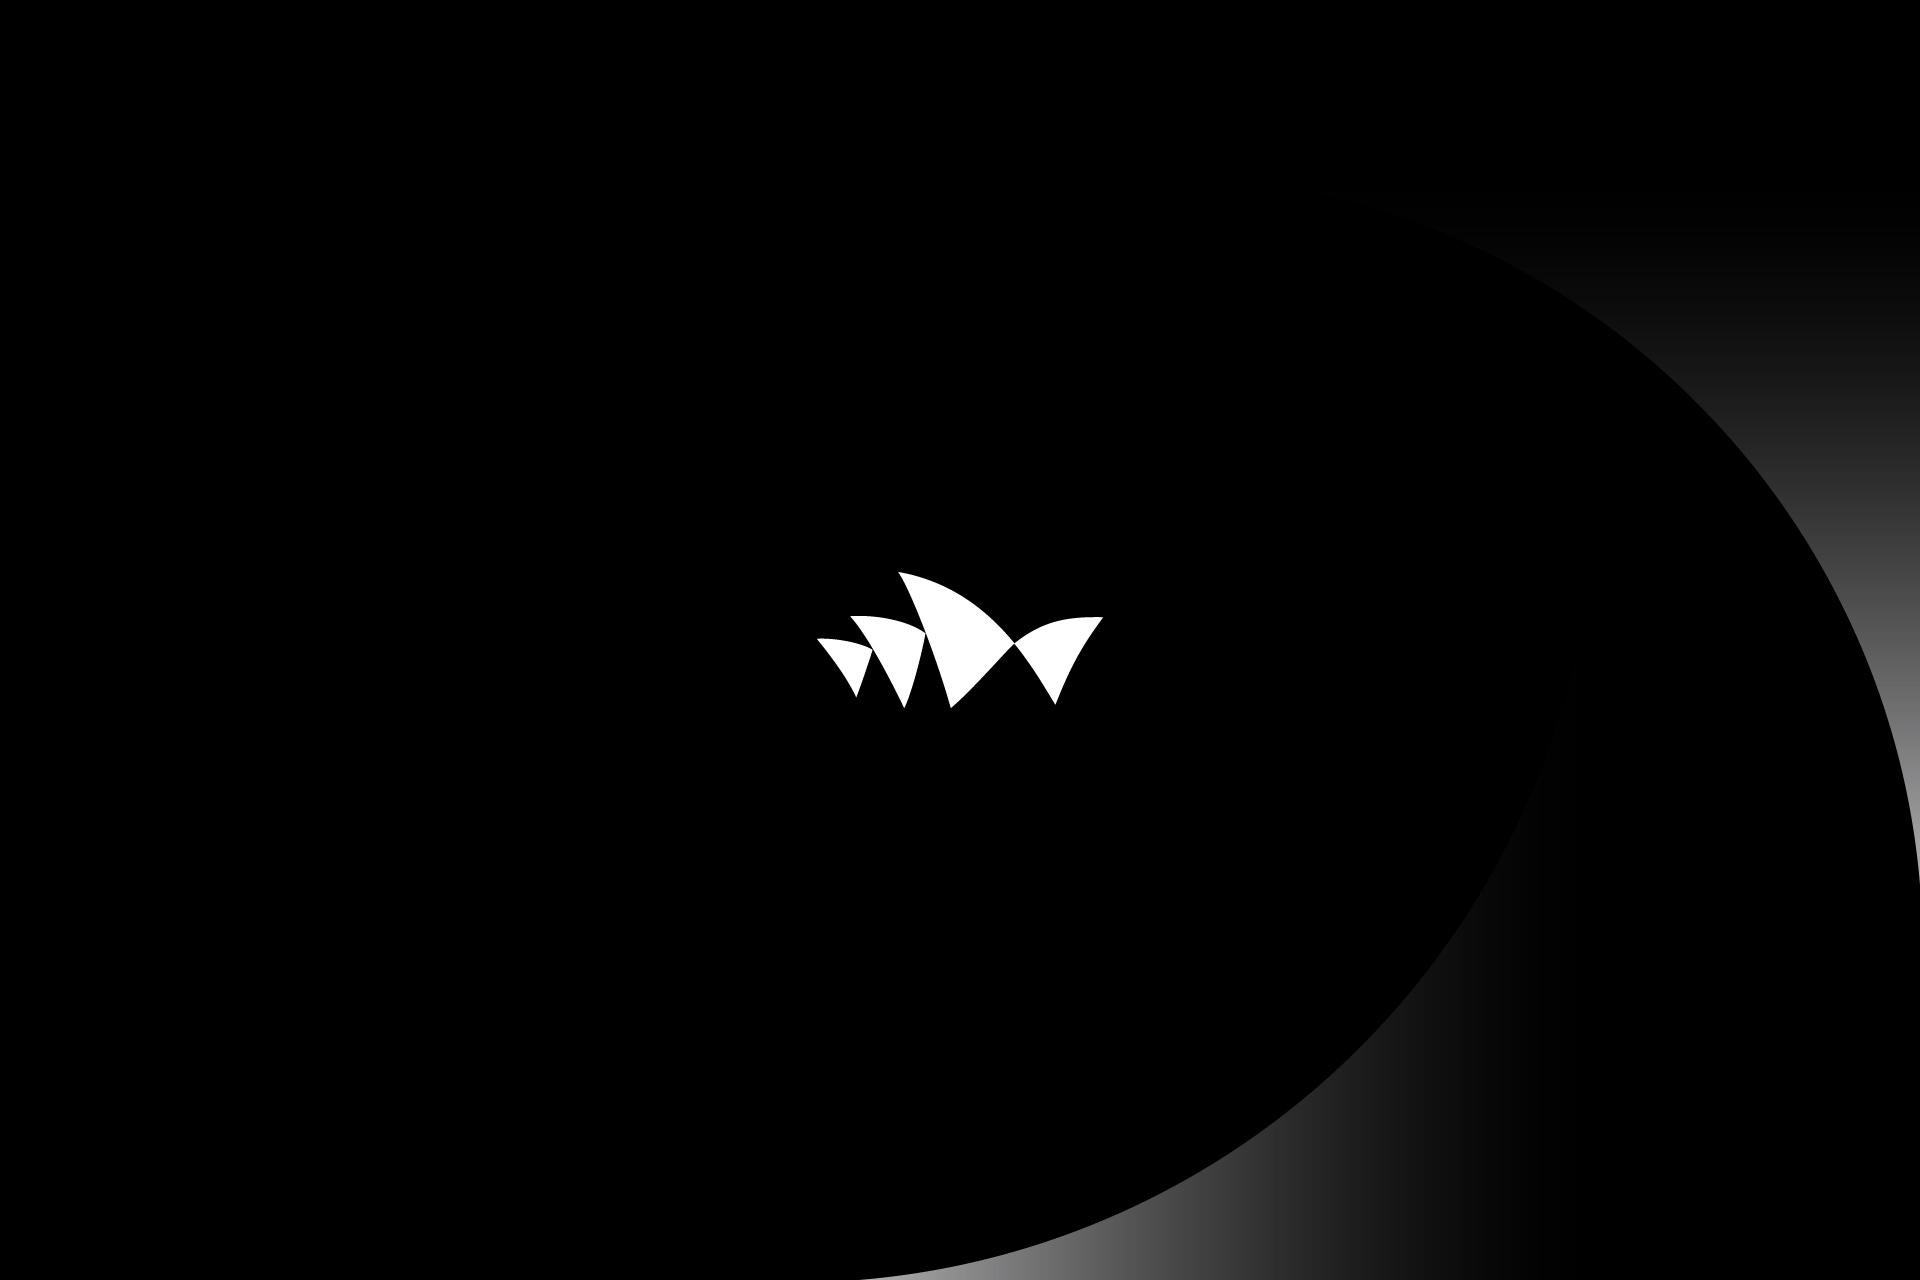 Identité visuelle de l'opéra de Sydney par Interbrand